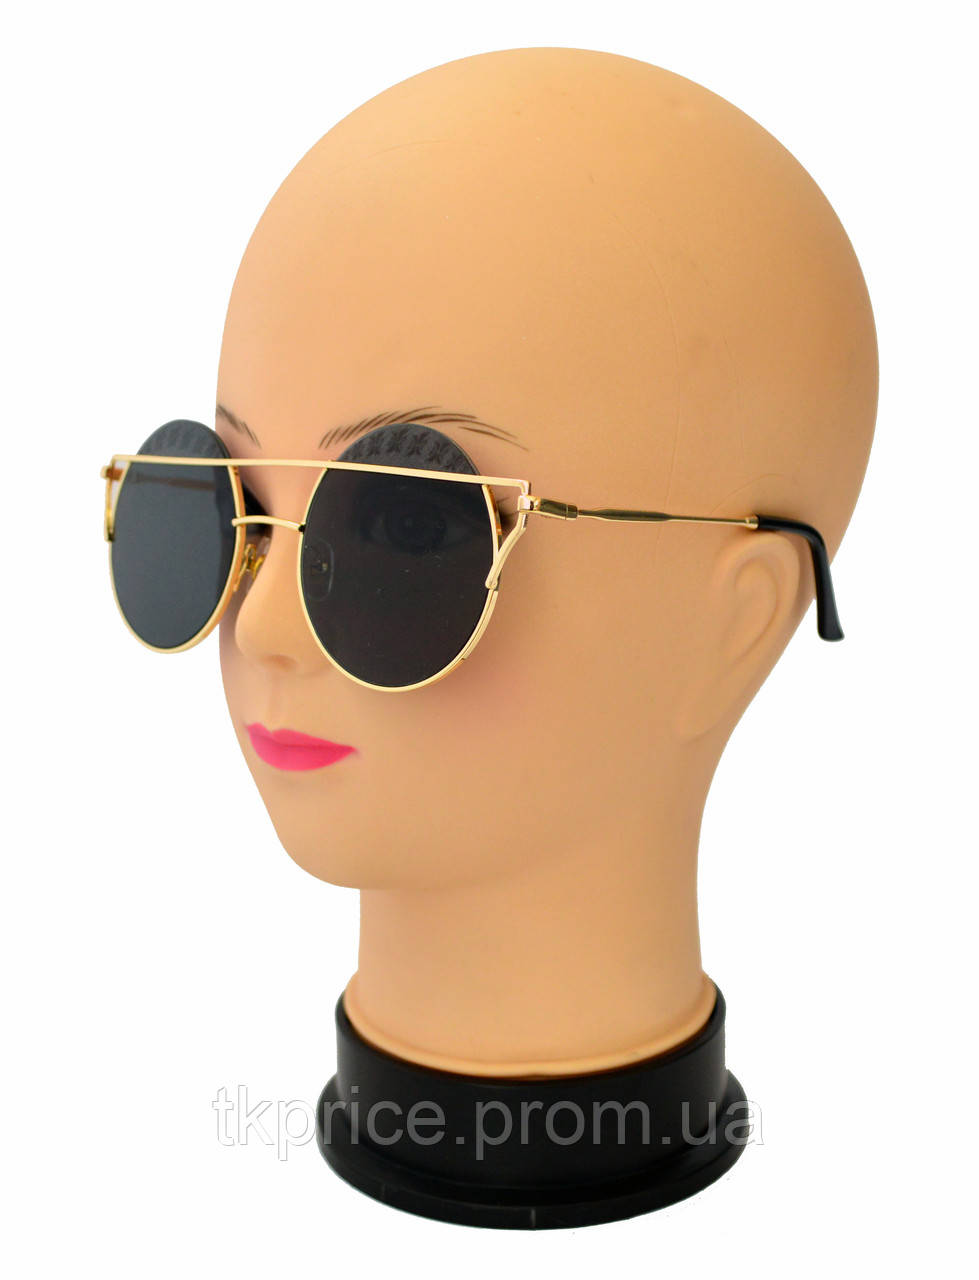 Стильные круглые женские солнцезащитные очки  3819